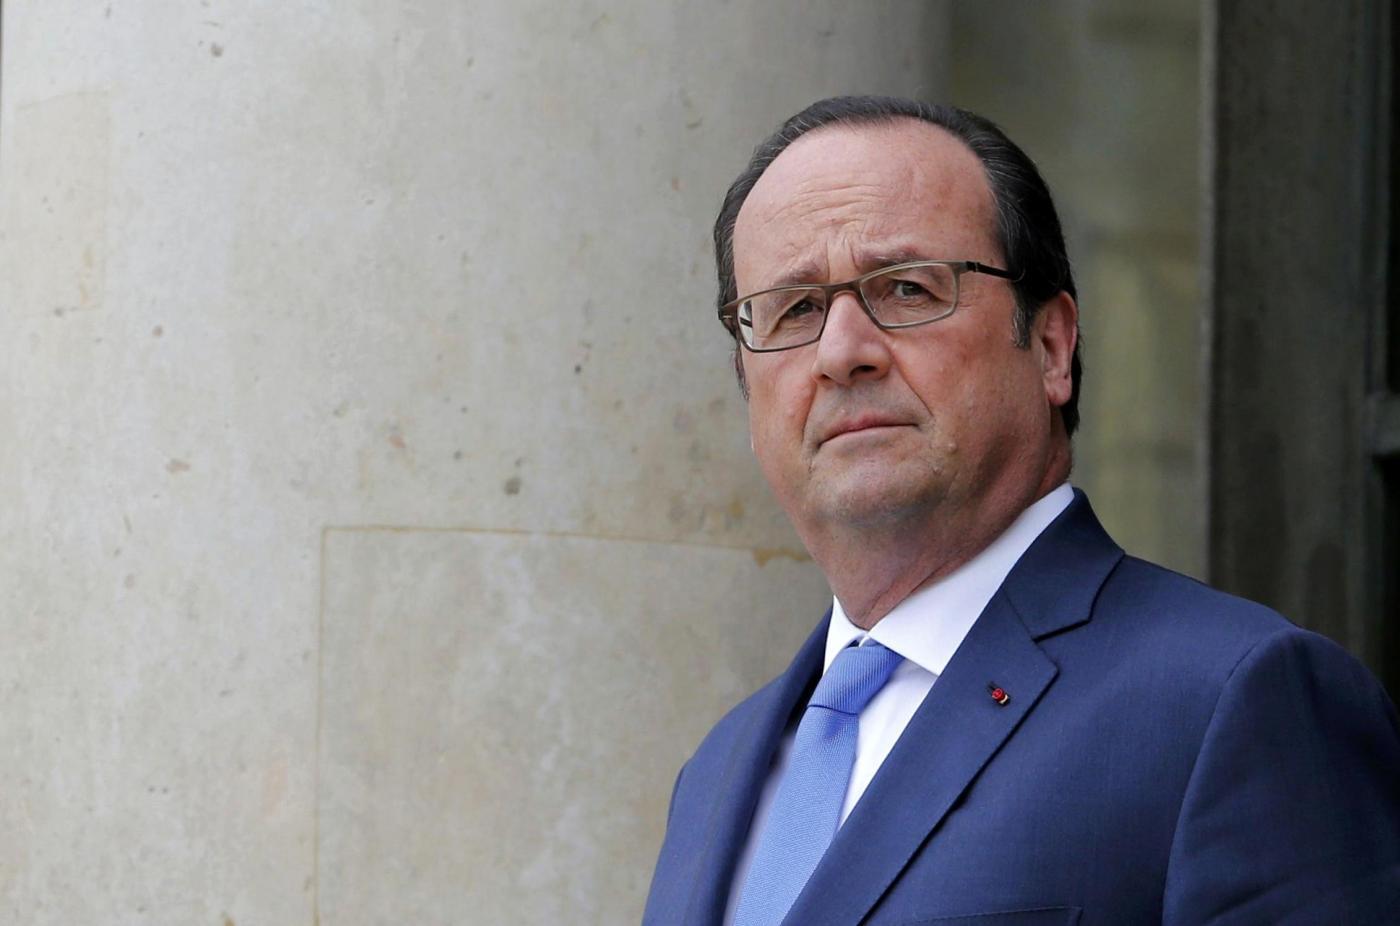 Strage a Nizza, Hollande prolunga lo stato di emergenza